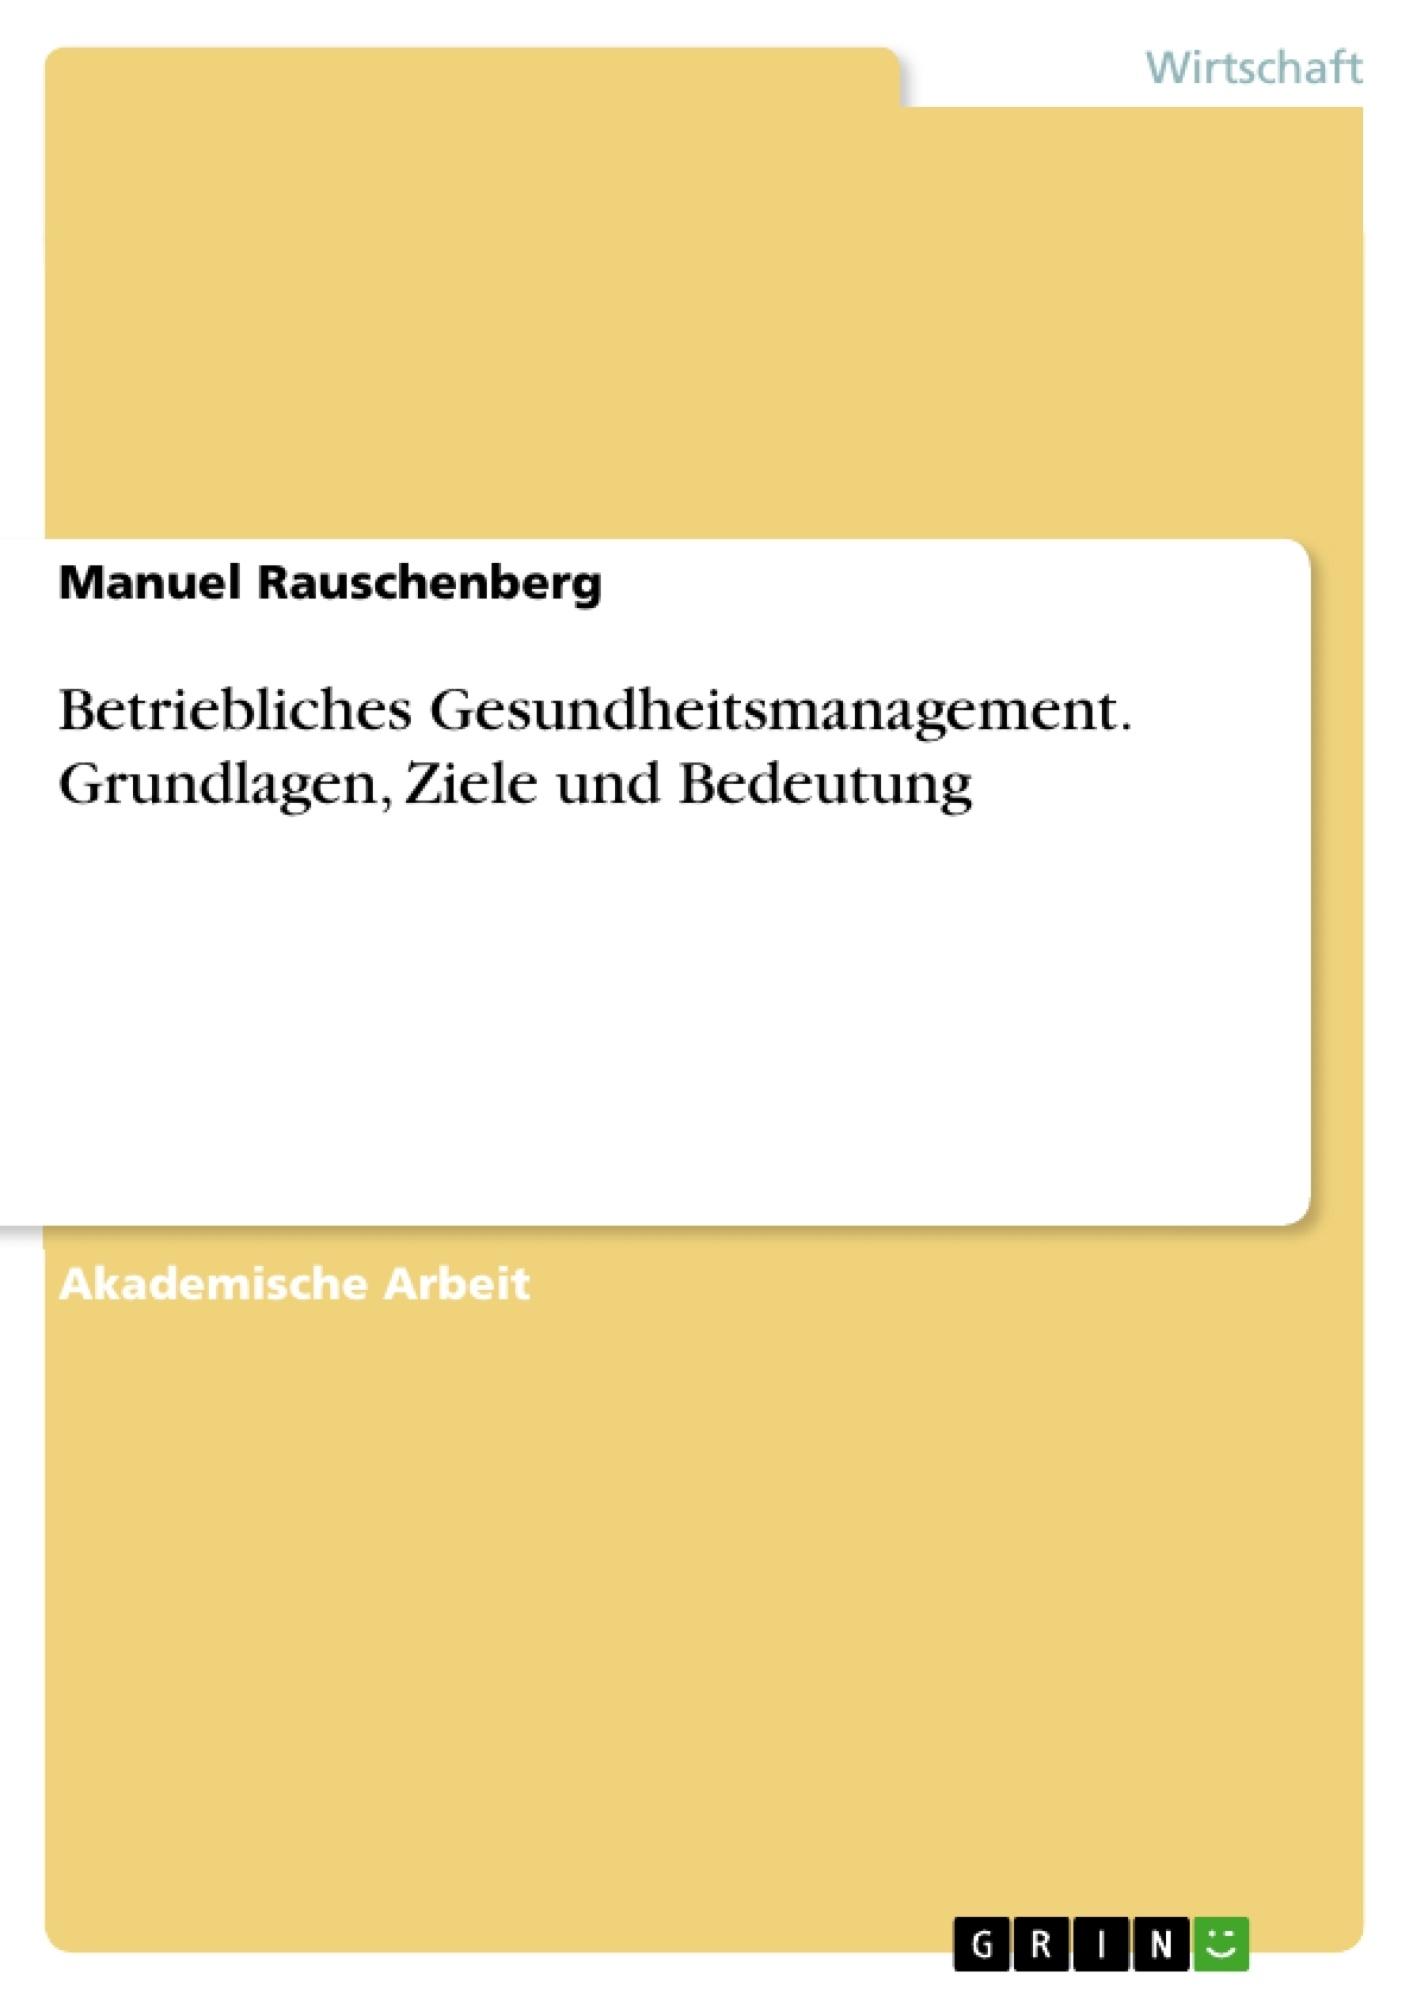 Titel: Betriebliches Gesundheitsmanagement. Grundlagen, Ziele und Bedeutung